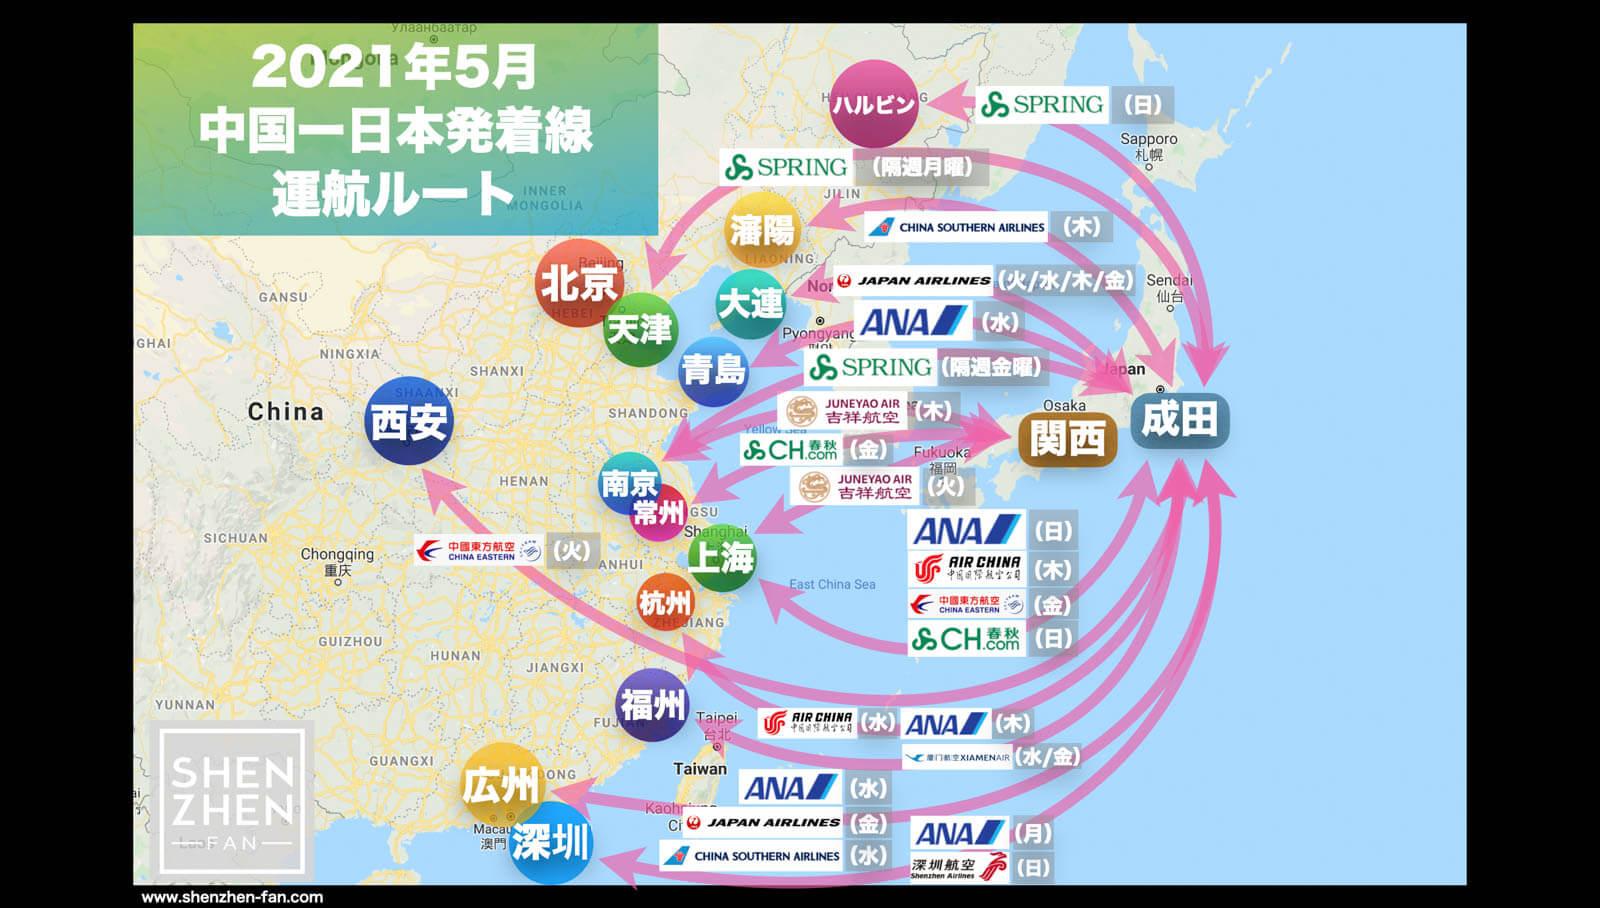 【2021年5月版】中国発着 国際便運航スケジュール・発着ルート